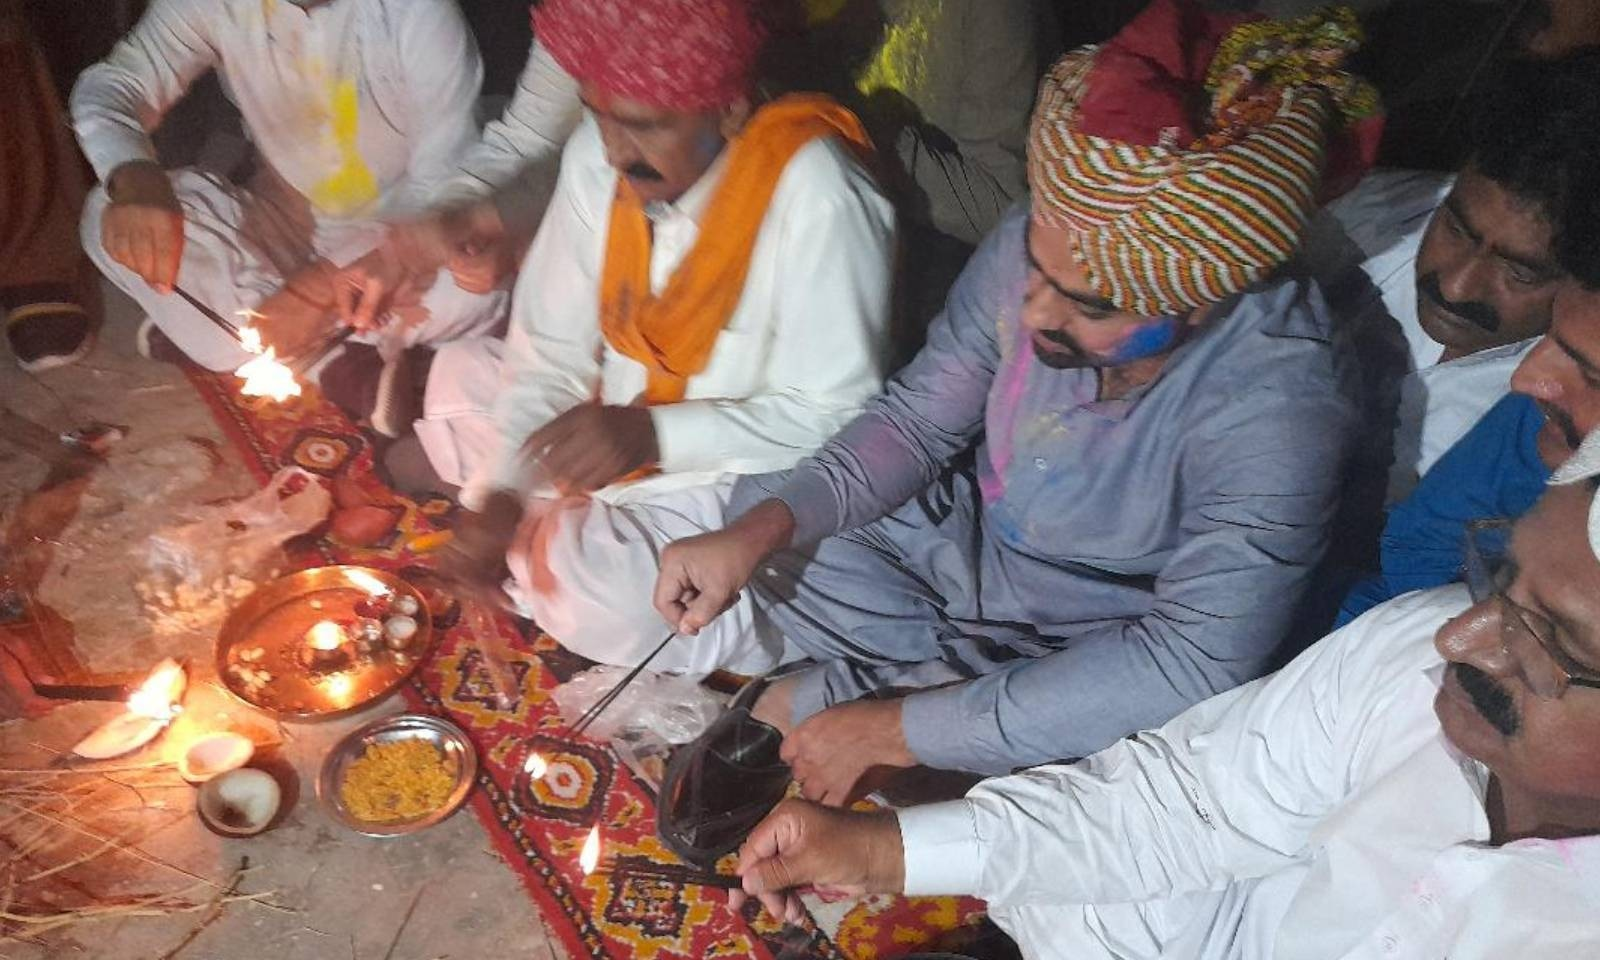 ہندو برادری نے مٹھی سمیت دیگر شہروں میں مذہبی عقیدت و احترام کے ساتھ تہوار منایا —فوٹو: امتیاز دھارانی